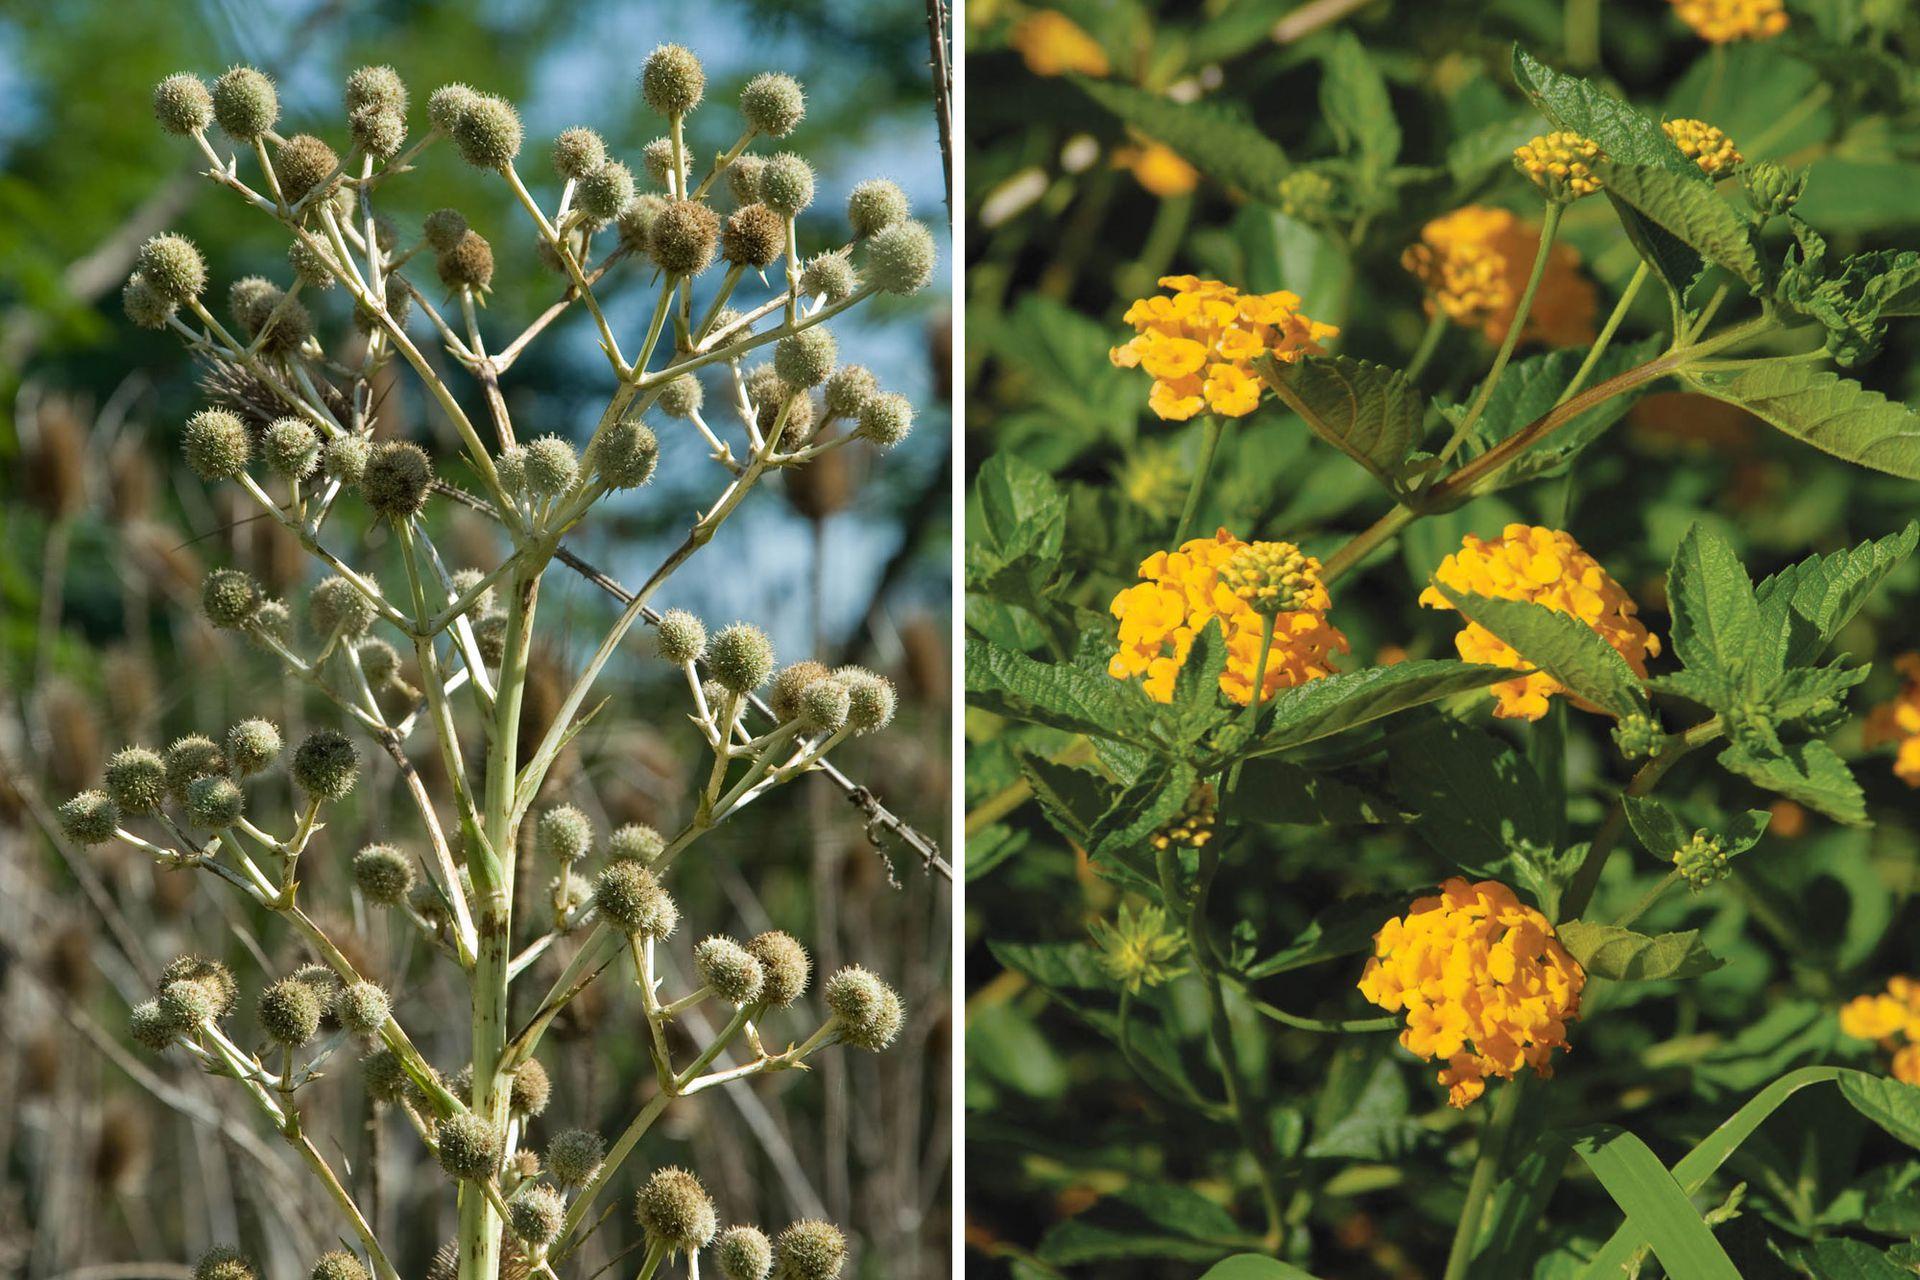 Izquierda: Eryngium sp. (falso caraguatá) Herbácea perenne, de tallo erguido, que puede alcanzar los 2 m de altura. Florece en primavera. Sus semillas se dispersan muy fácilmente. Derecha: Lantana camara. Es un arbusto perenne. Sus hojas son ásperas y rugosas. Sus flores son amarillas y aparecen en primavera y verano. Es de fácil cultivo, pero no resiste las bajas temperaturas.